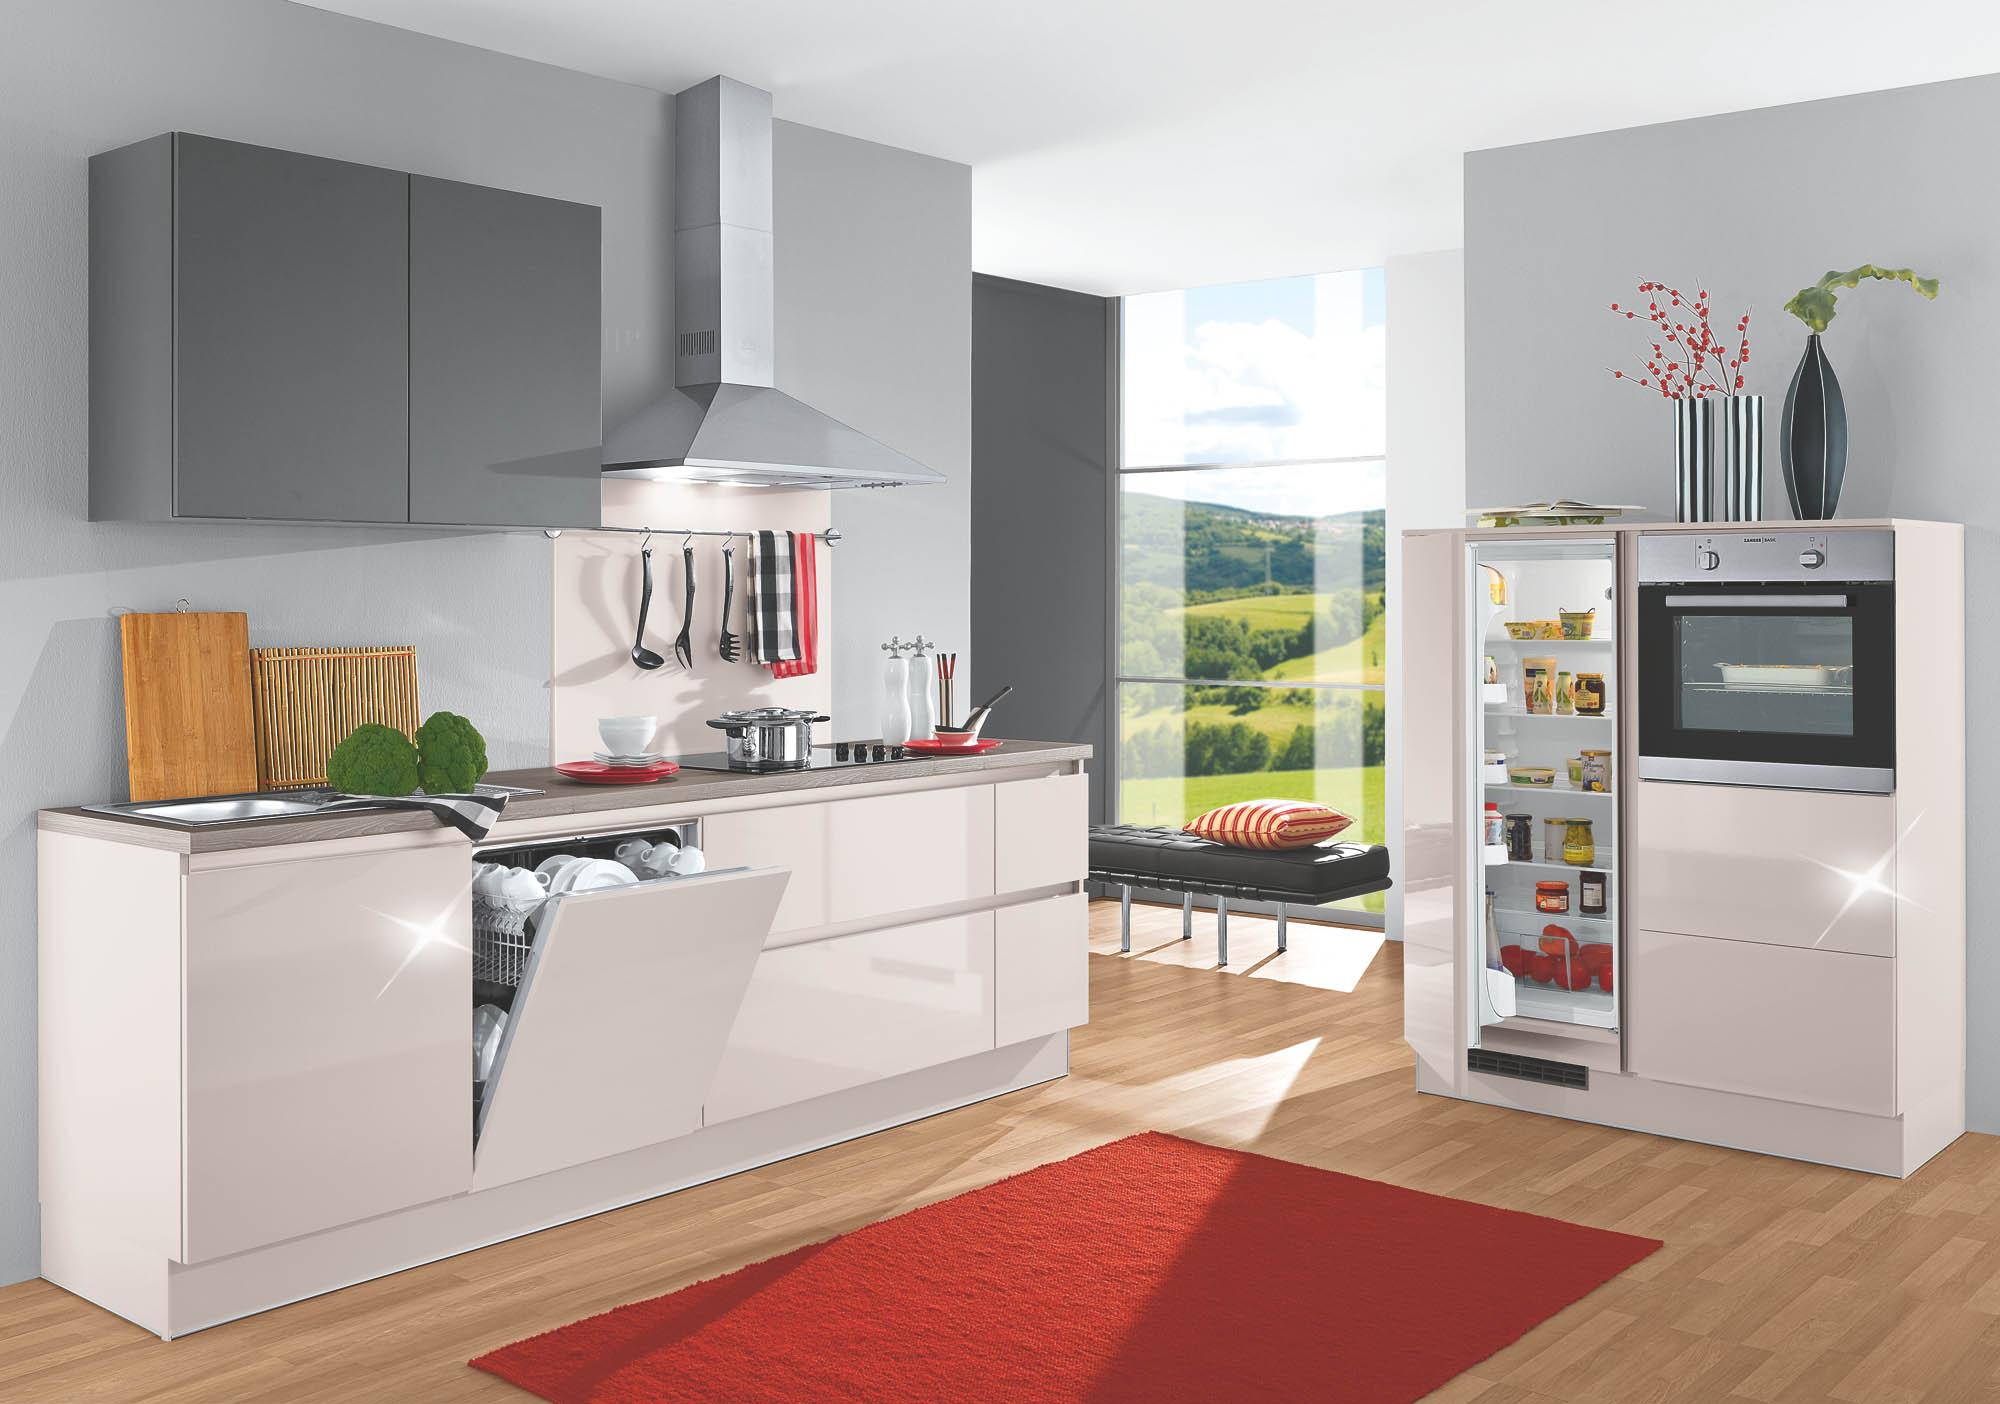 Full Size of Küche L Form Ebay Kleinanzeigen Komplette Küche L Form Küche L Form Kaufen Küche L Form Hochglanz Küche Küche L Form